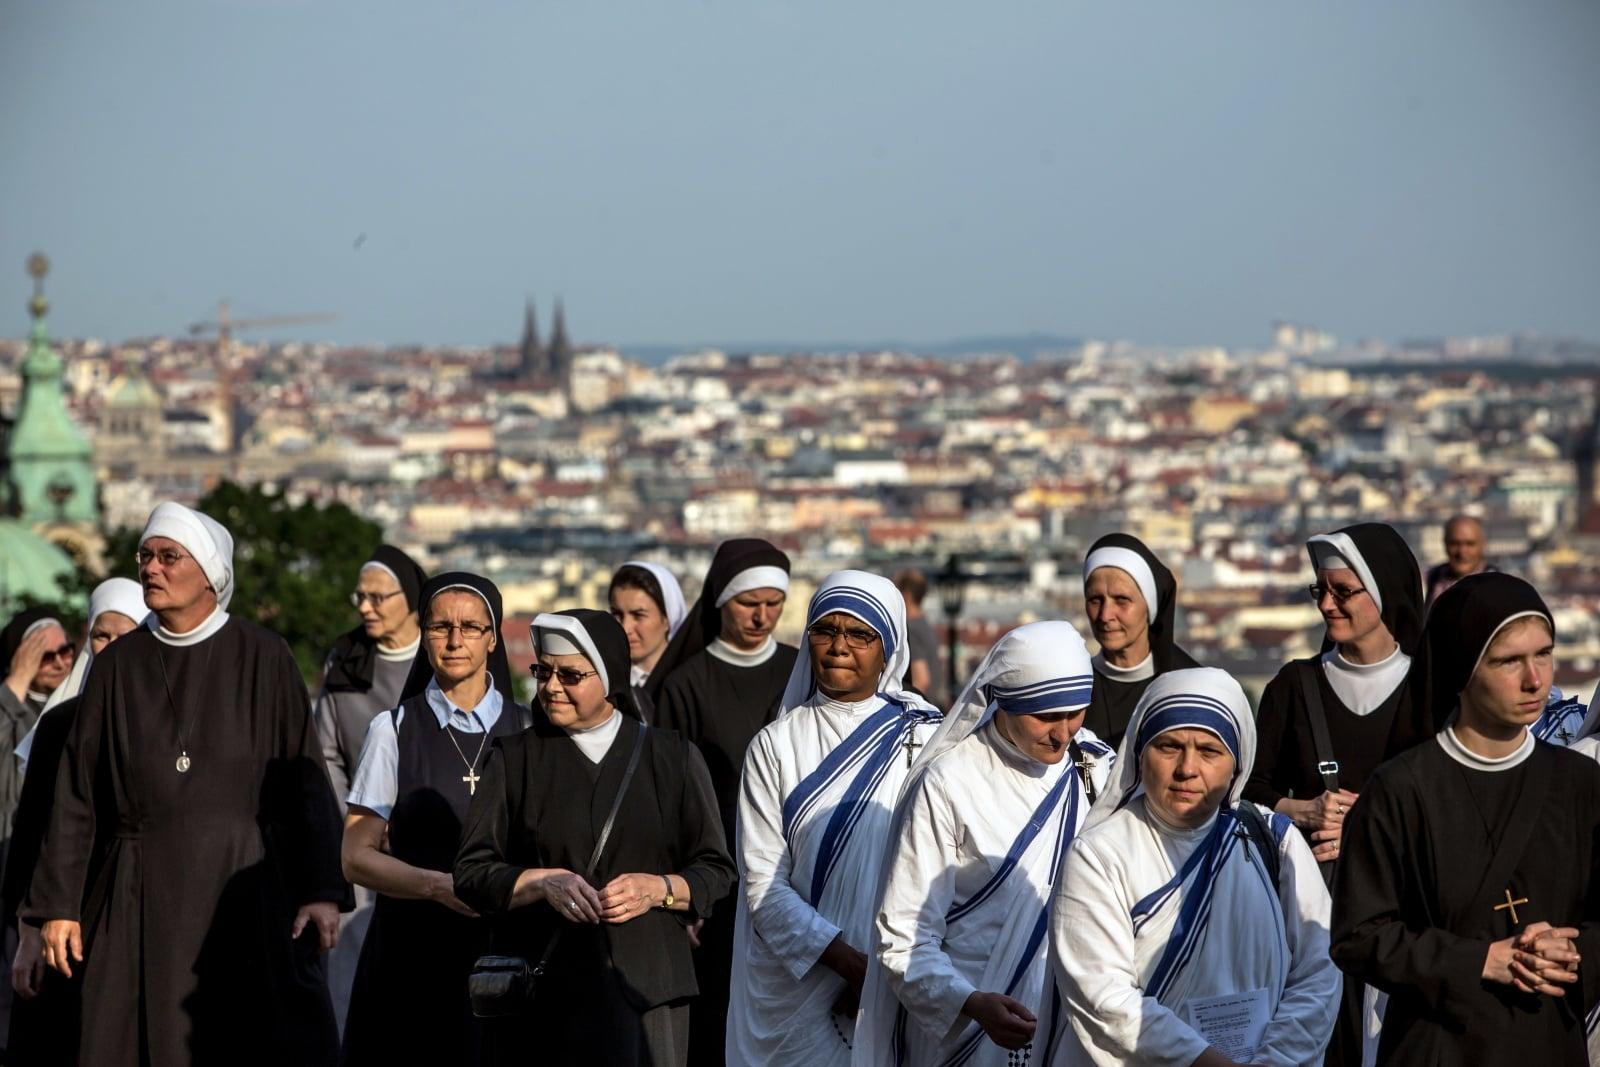 Siostry biorące udział w procesji Bożego Ciała w Pradze, Republika Czeska, fot. EPA/MARTIN DIVISEK